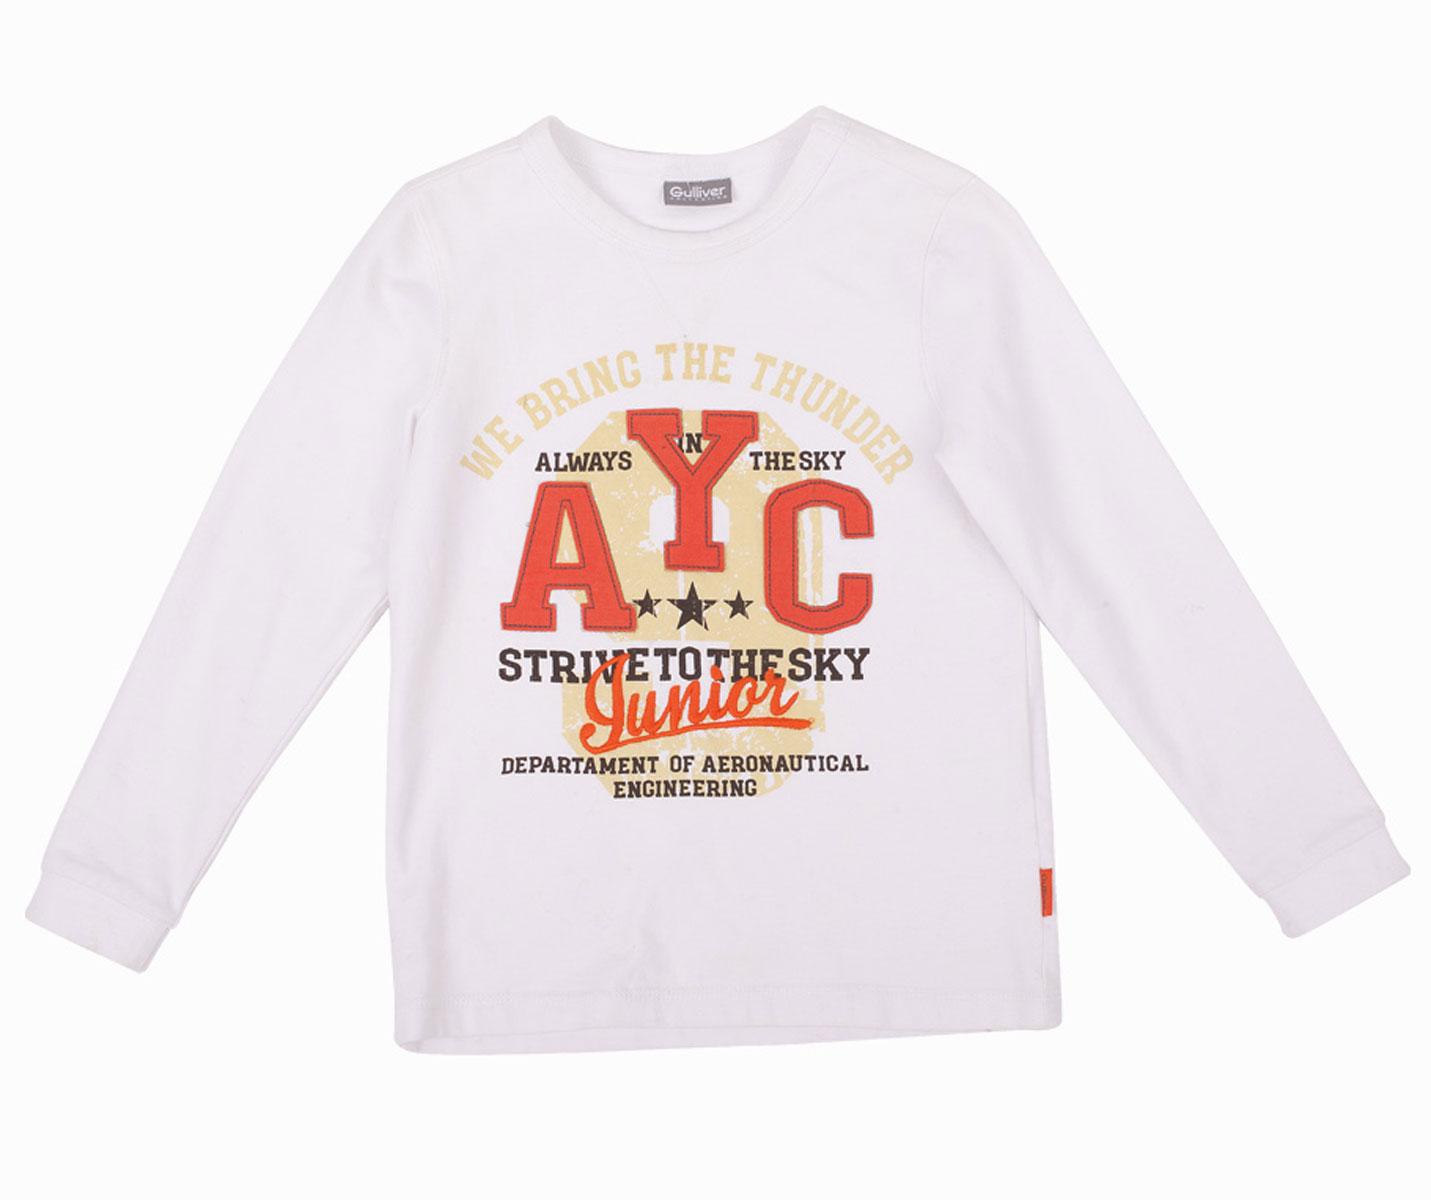 Футболка с длинным рукавом для мальчика Gulliver, цвет: белый. 21604BMC1202. Размер 11621604BMC1202Футболка с длинным рукавом для мальчика - основа повседневного гардероба! Но лишь некоторые из них становятся по-настоящему любимыми. Модная футболка с ярким выразительным принтом сделает каждый день ребенка интересным и увлекательным. Выполненная из хлопка с эластаном, футболка с надписями обладает особой мягкостью, обеспечивающей ежедневный комфорт. Вы решили купить модную белую футболку с длинным рукавом? Эта модель - то, что вам нужно!